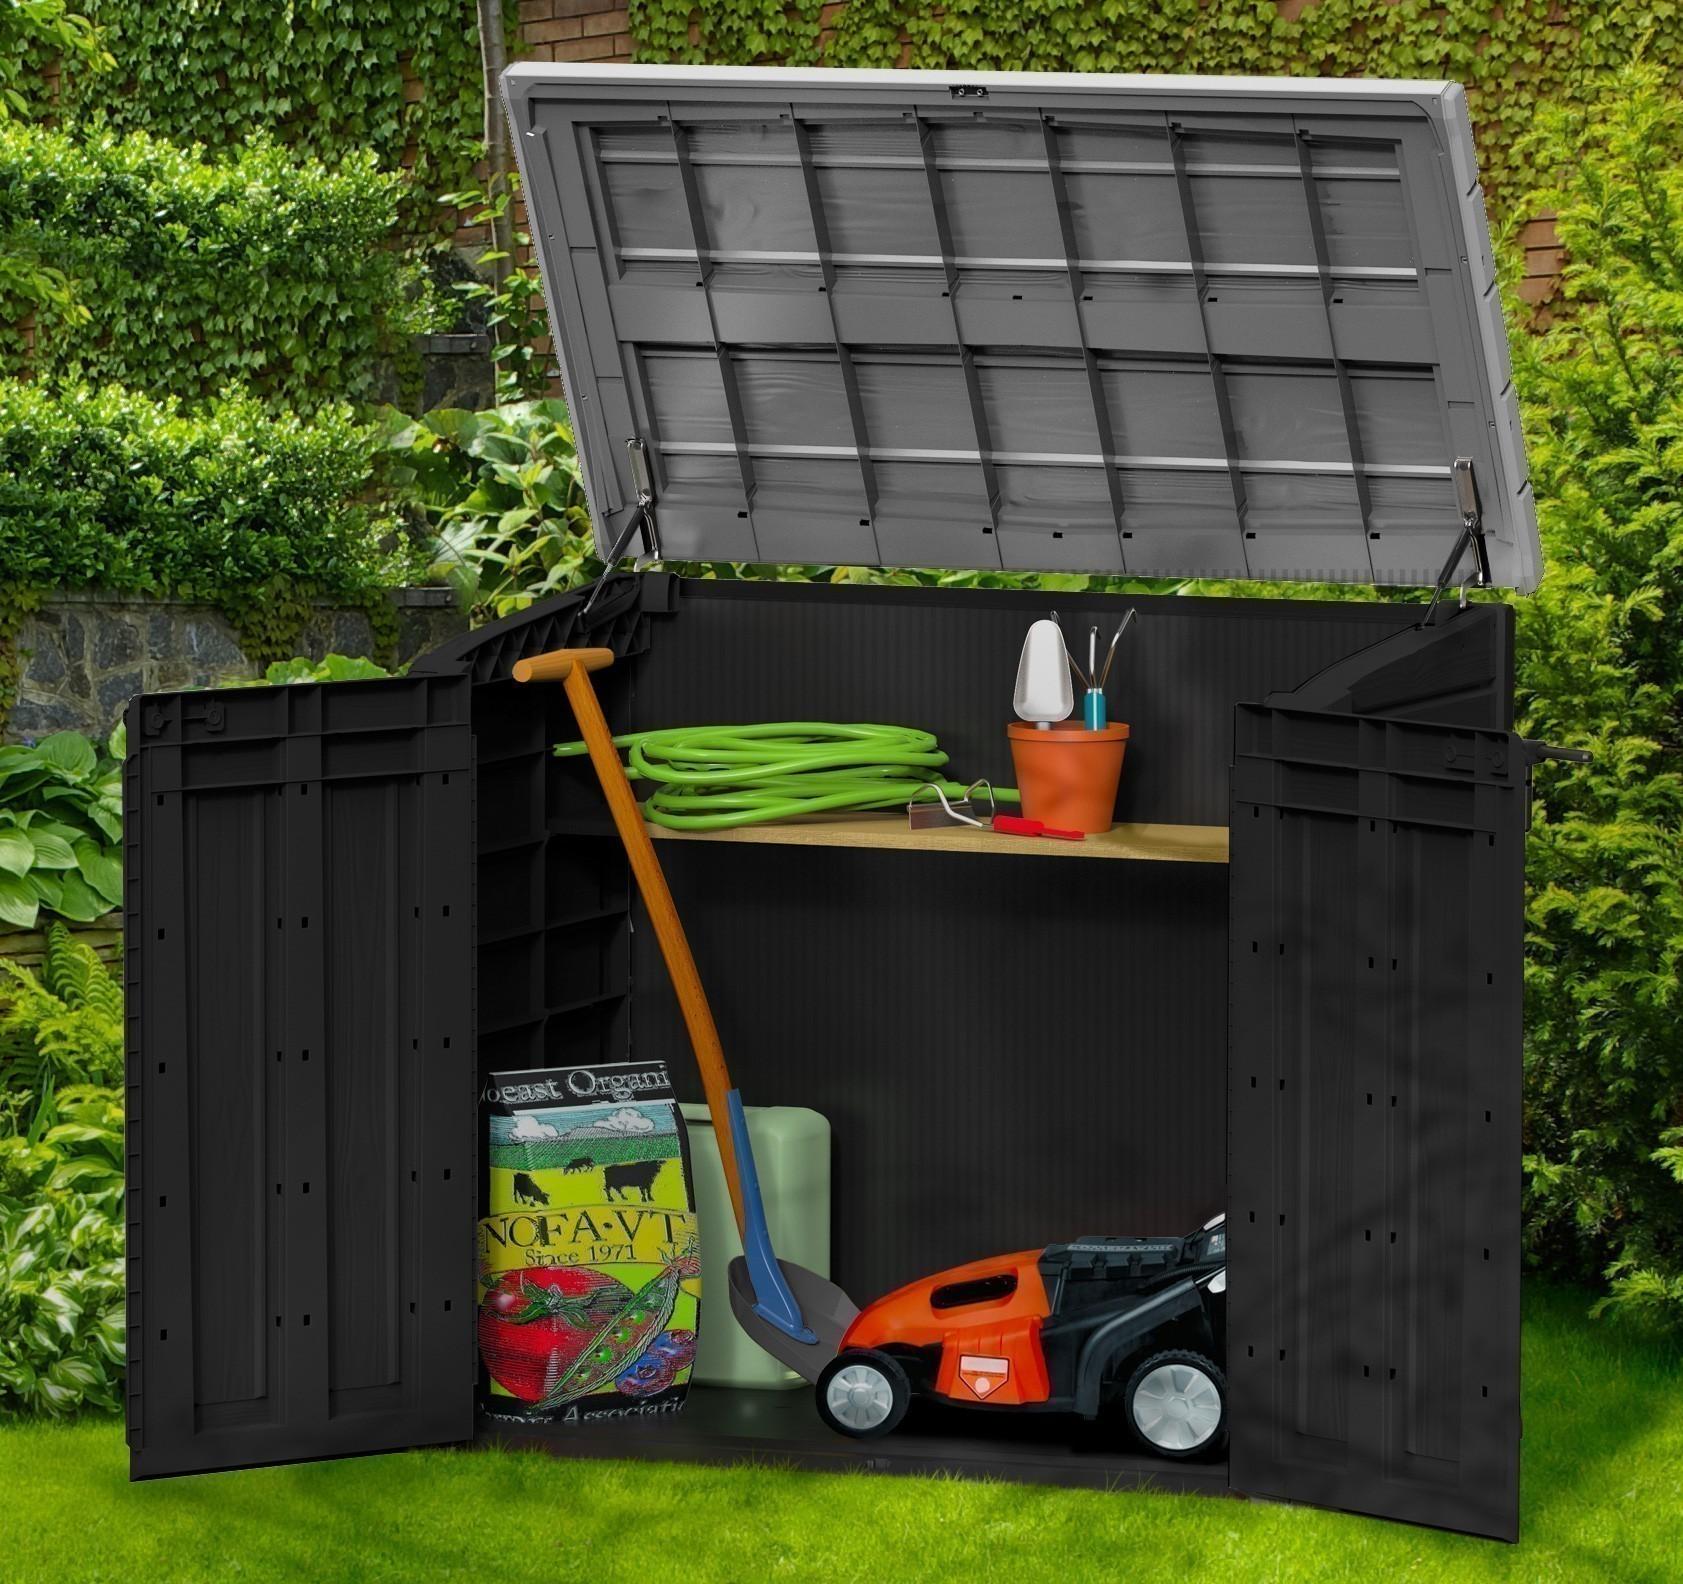 Gartenbox / Aufbewahrungsbox Keter Store It Out Max 146x82x125cm anthr Bild 2